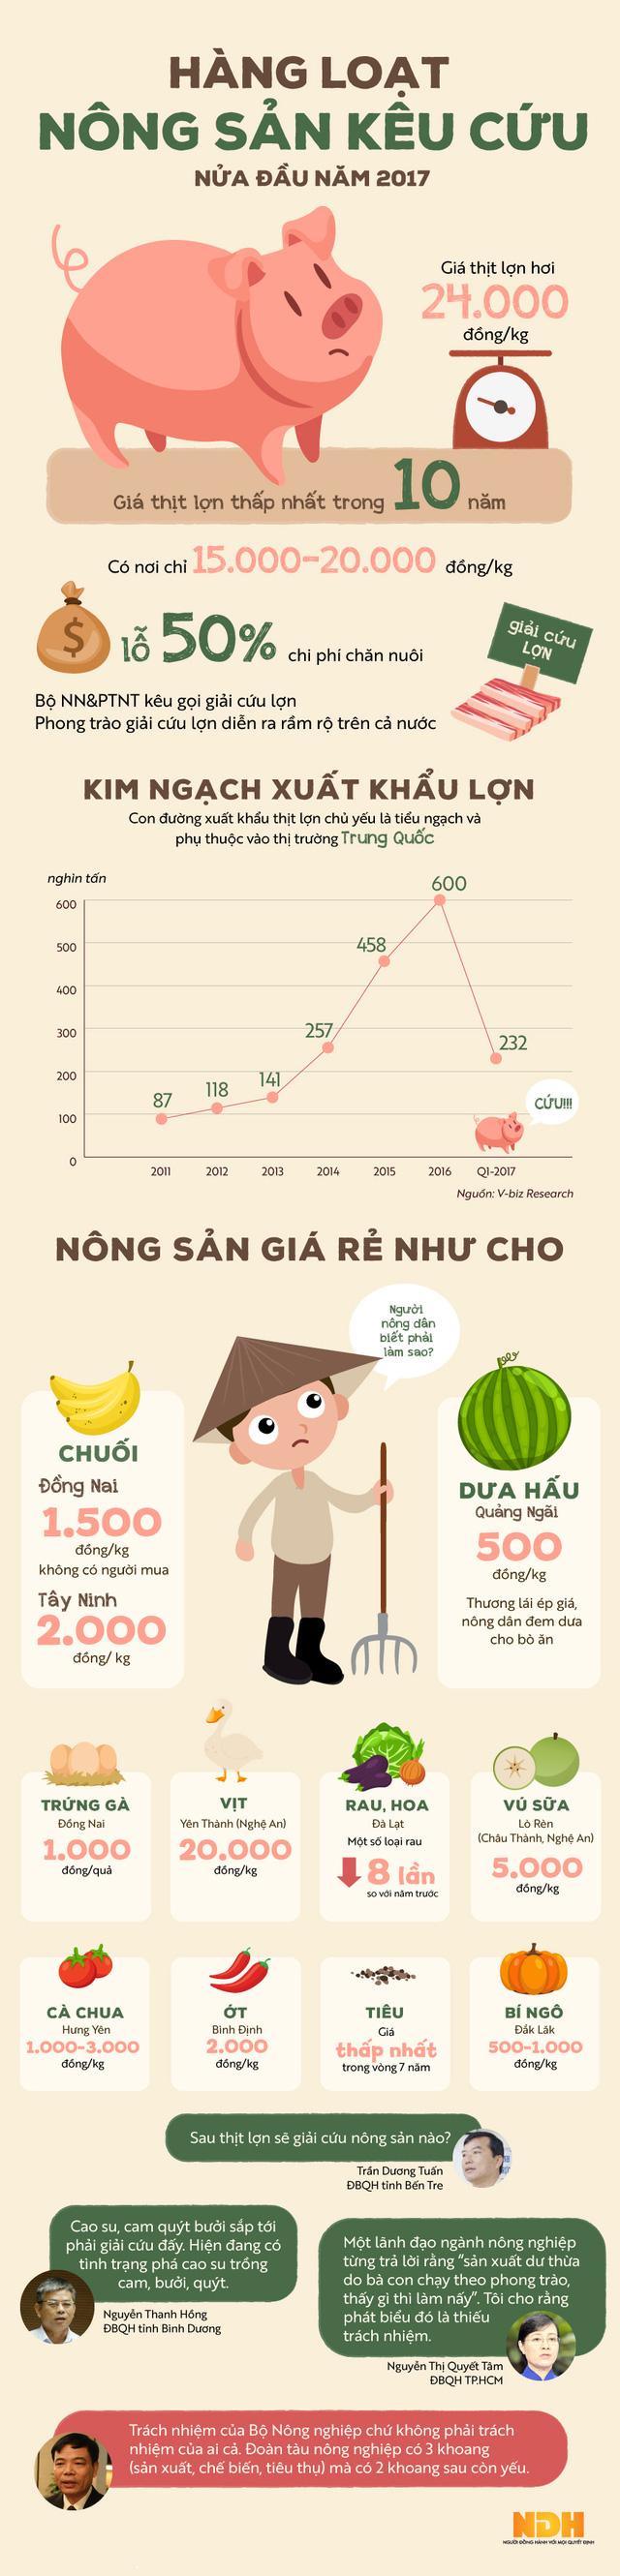 [Infographic] Nông sản đồng loạt kêu cứu nửa đầu năm 2017 - Ảnh 1.